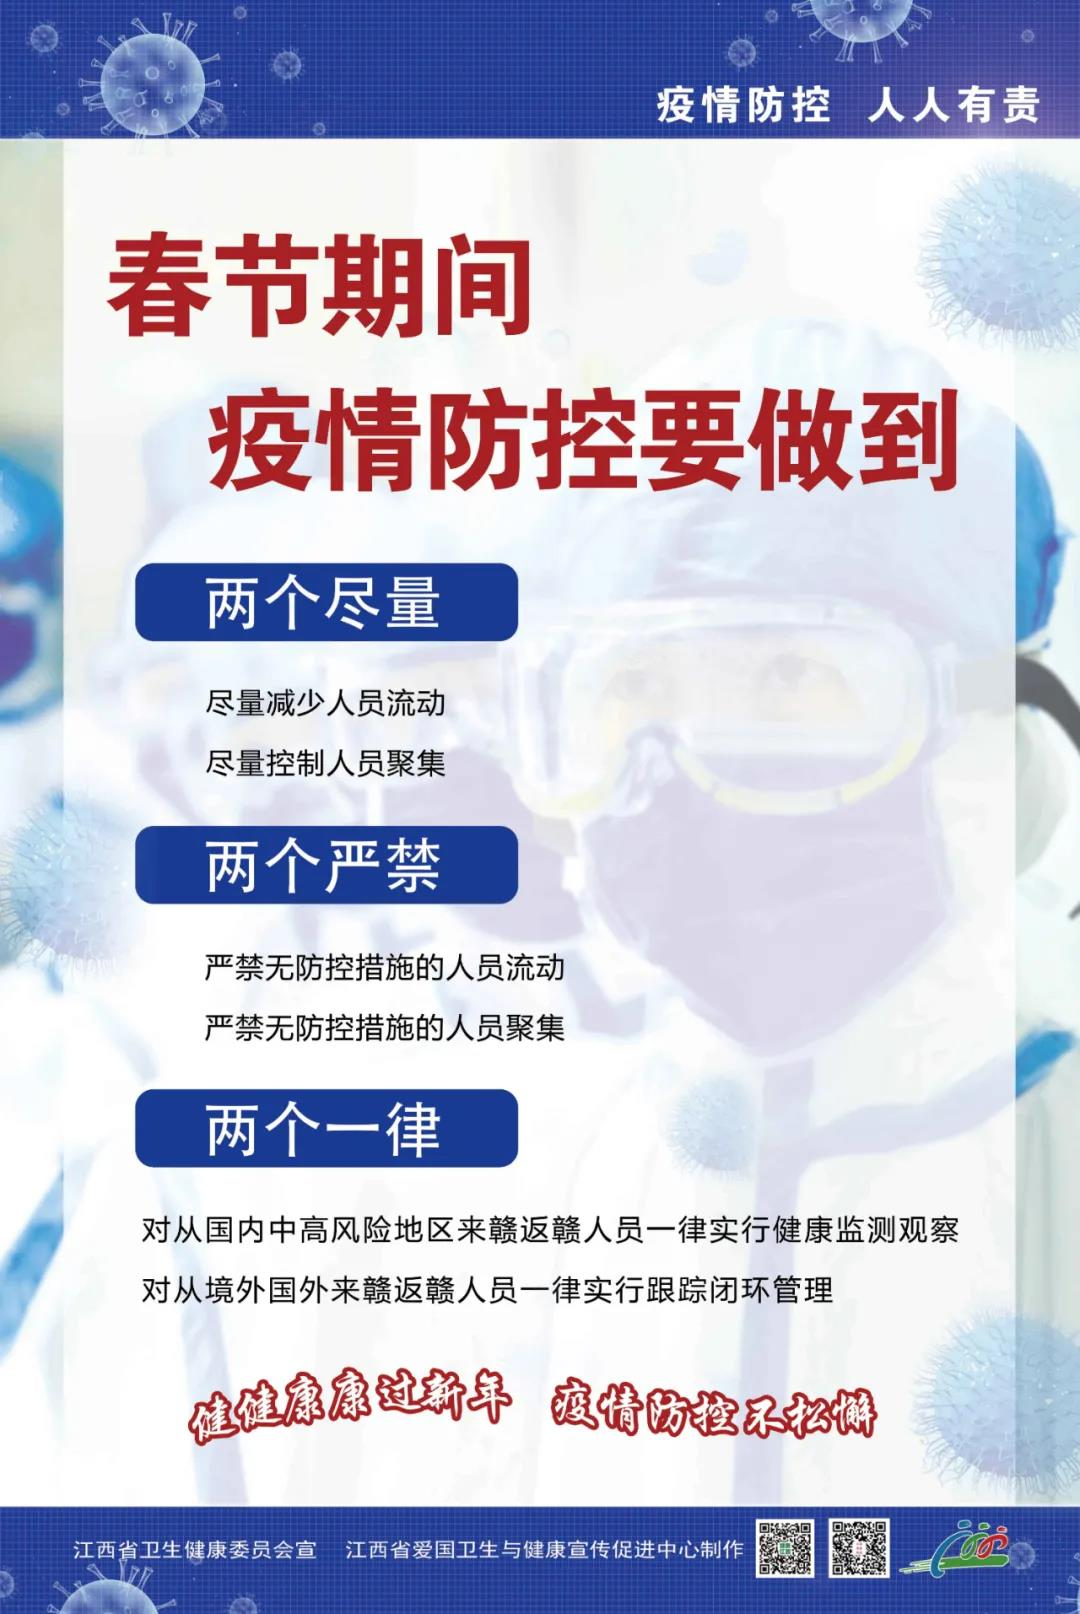 重磅!上饶市新型冠状病毒感染的肺炎疫情防控应急指挥部第14号令发布